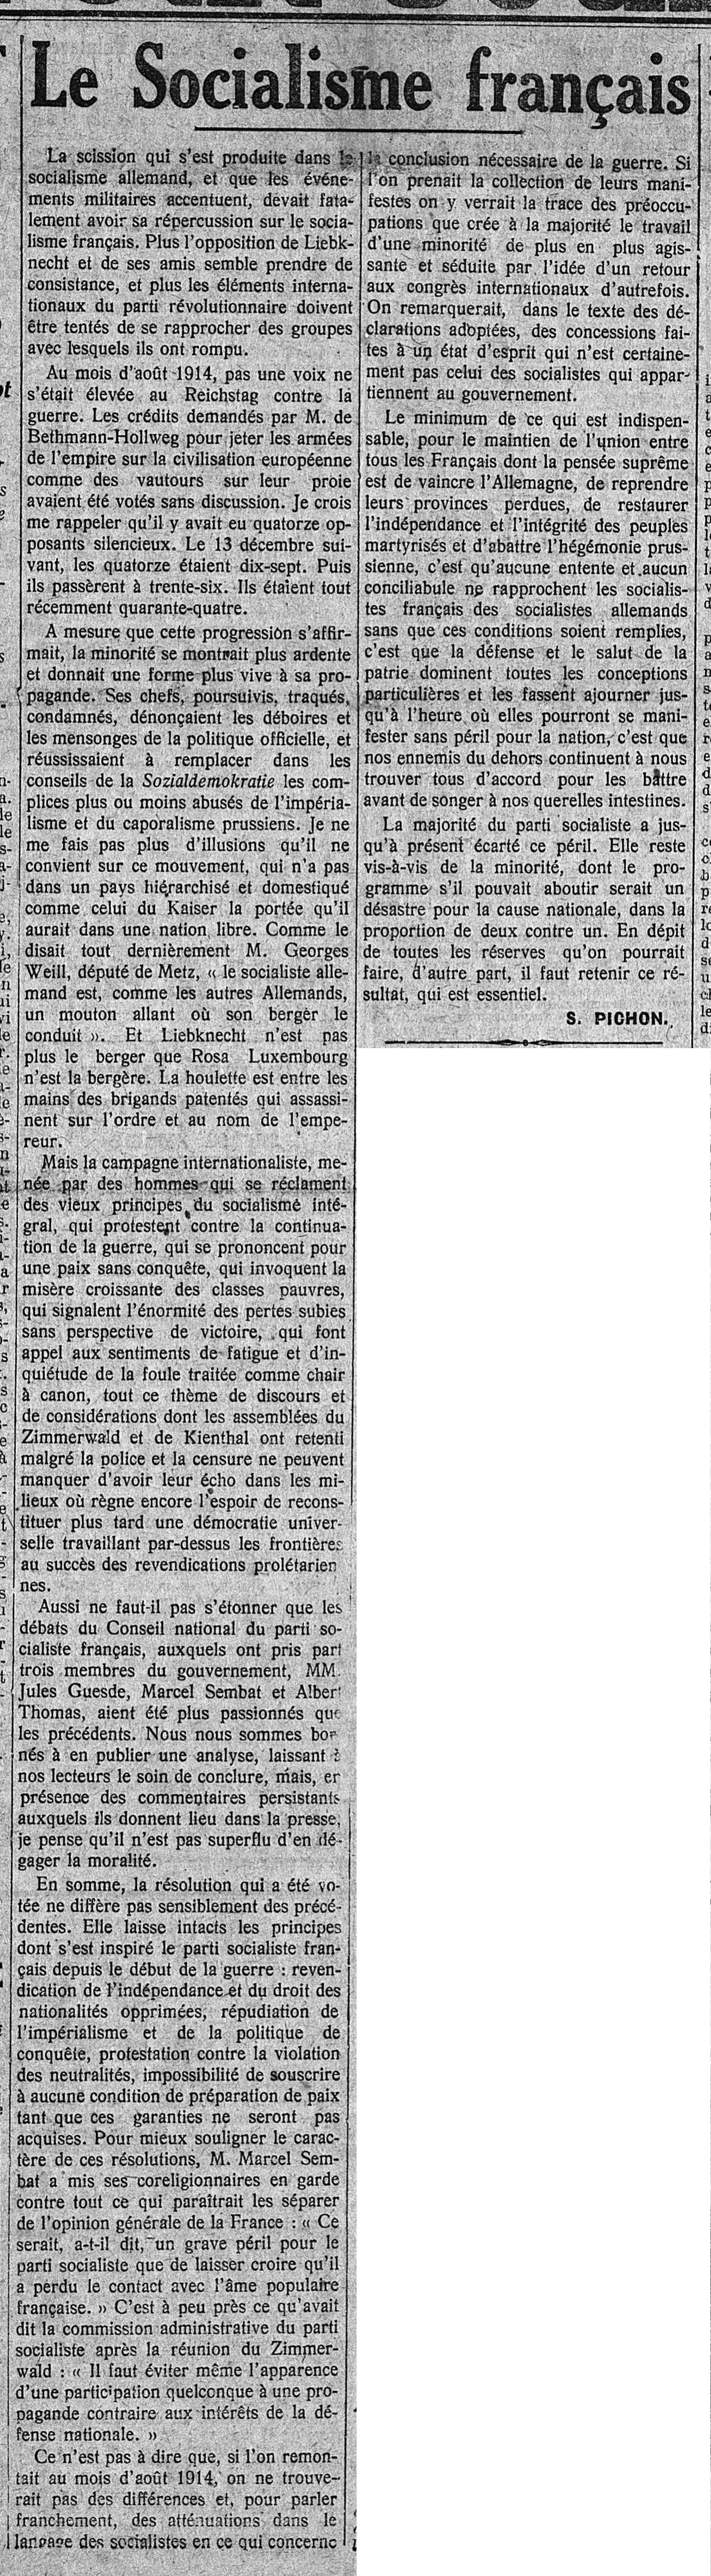 12 août 1916